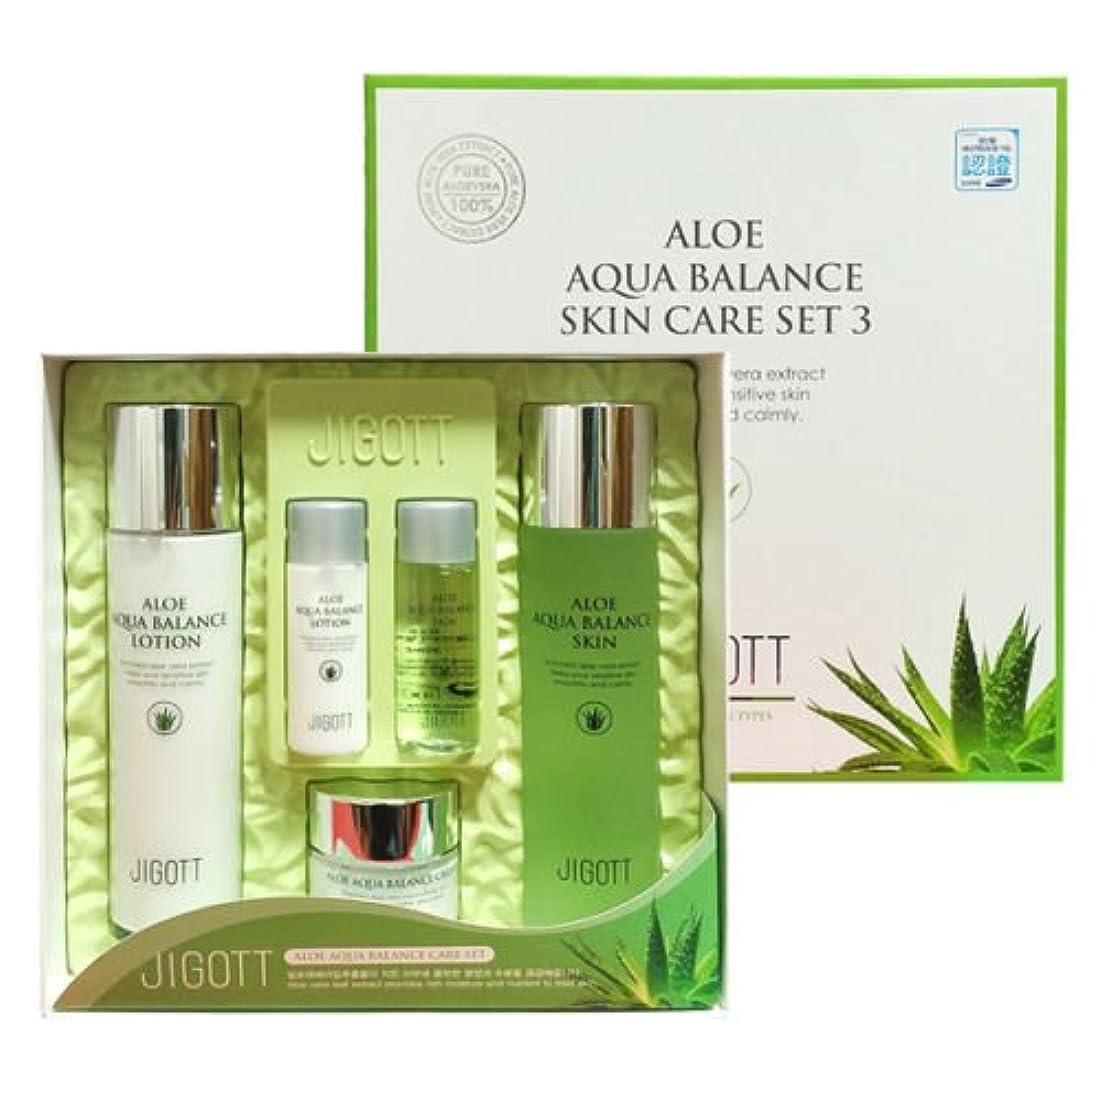 虫を数える乳製品国籍ジゴトゥ[韓国コスメJigott]Aloe Aqua Balance Skin Care 3 Set アロエアクアバランススキンケア3セット樹液,乳液,クリーム [並行輸入品]